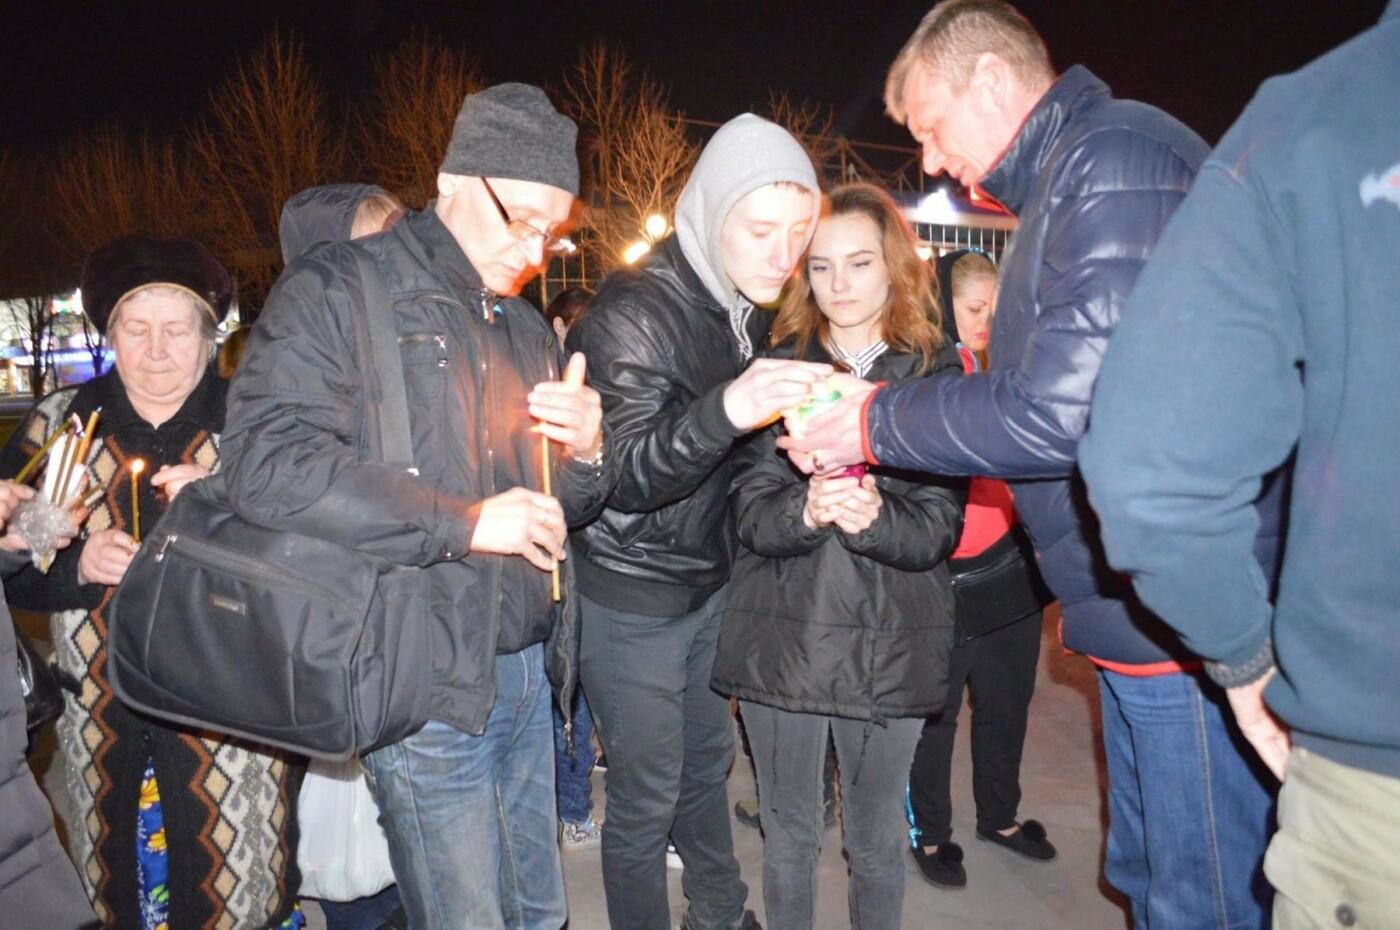 """Накануне Пасхи бойцы """"Кривбасса"""" и волонтер поделились с горожанами частичкой Благодатного Огня (ФОТО), фото-11"""